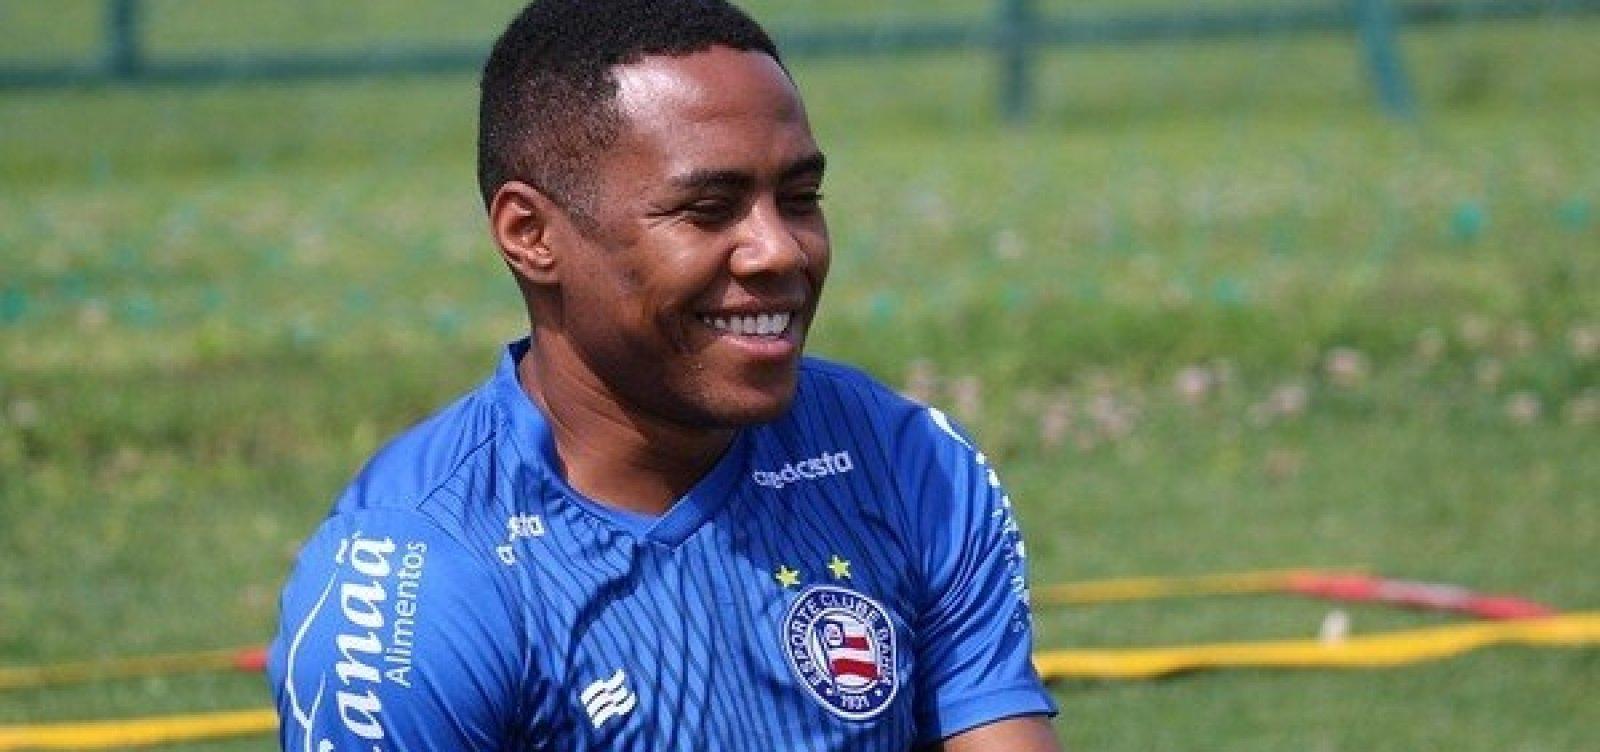 [Fora dos planos do técnico Dado Cavalcanti, Bahia rescinde contrato com volante Elias]